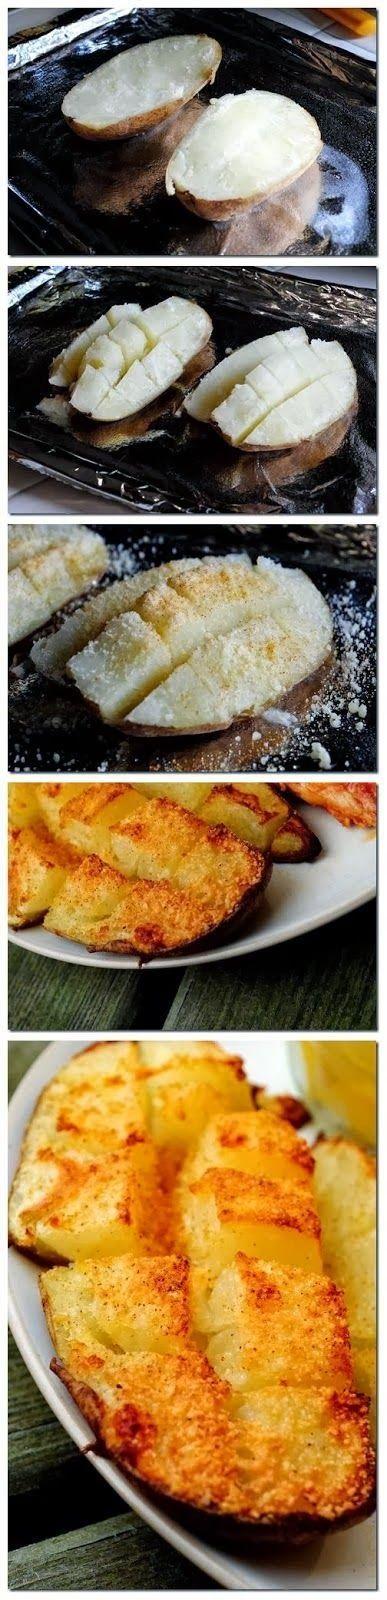 #Patatas asadas con #queso rallado ummmm!!! que pinta @entulínea #adelgazar…